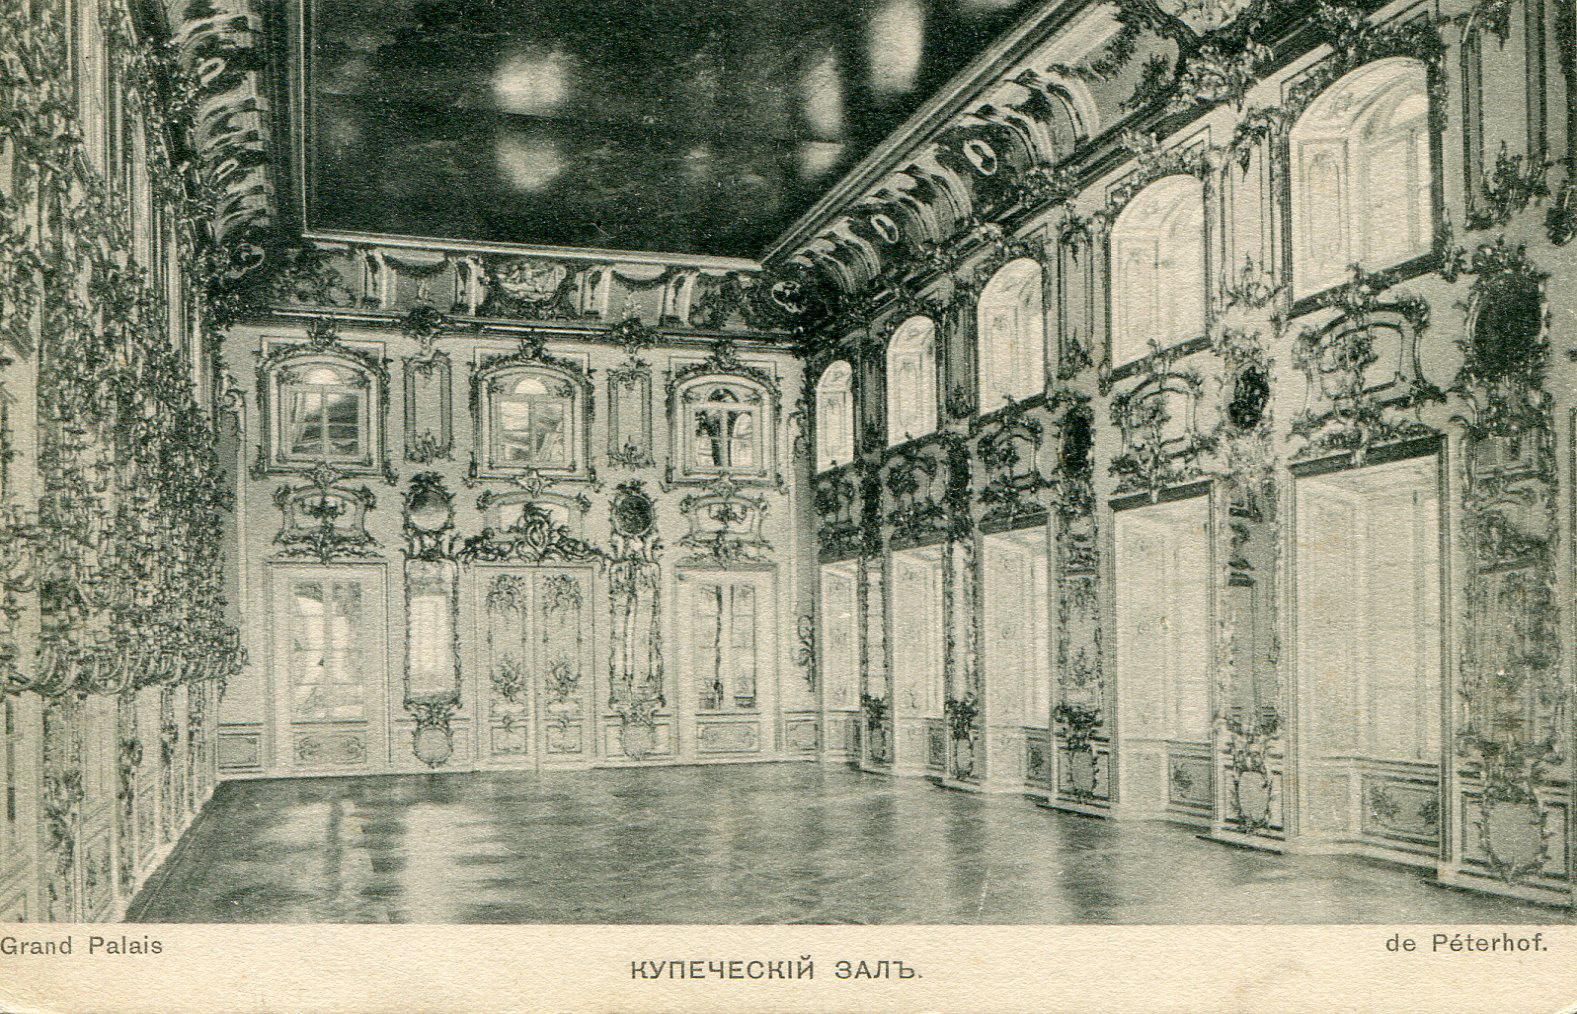 Большой дворец. Купеческий зал